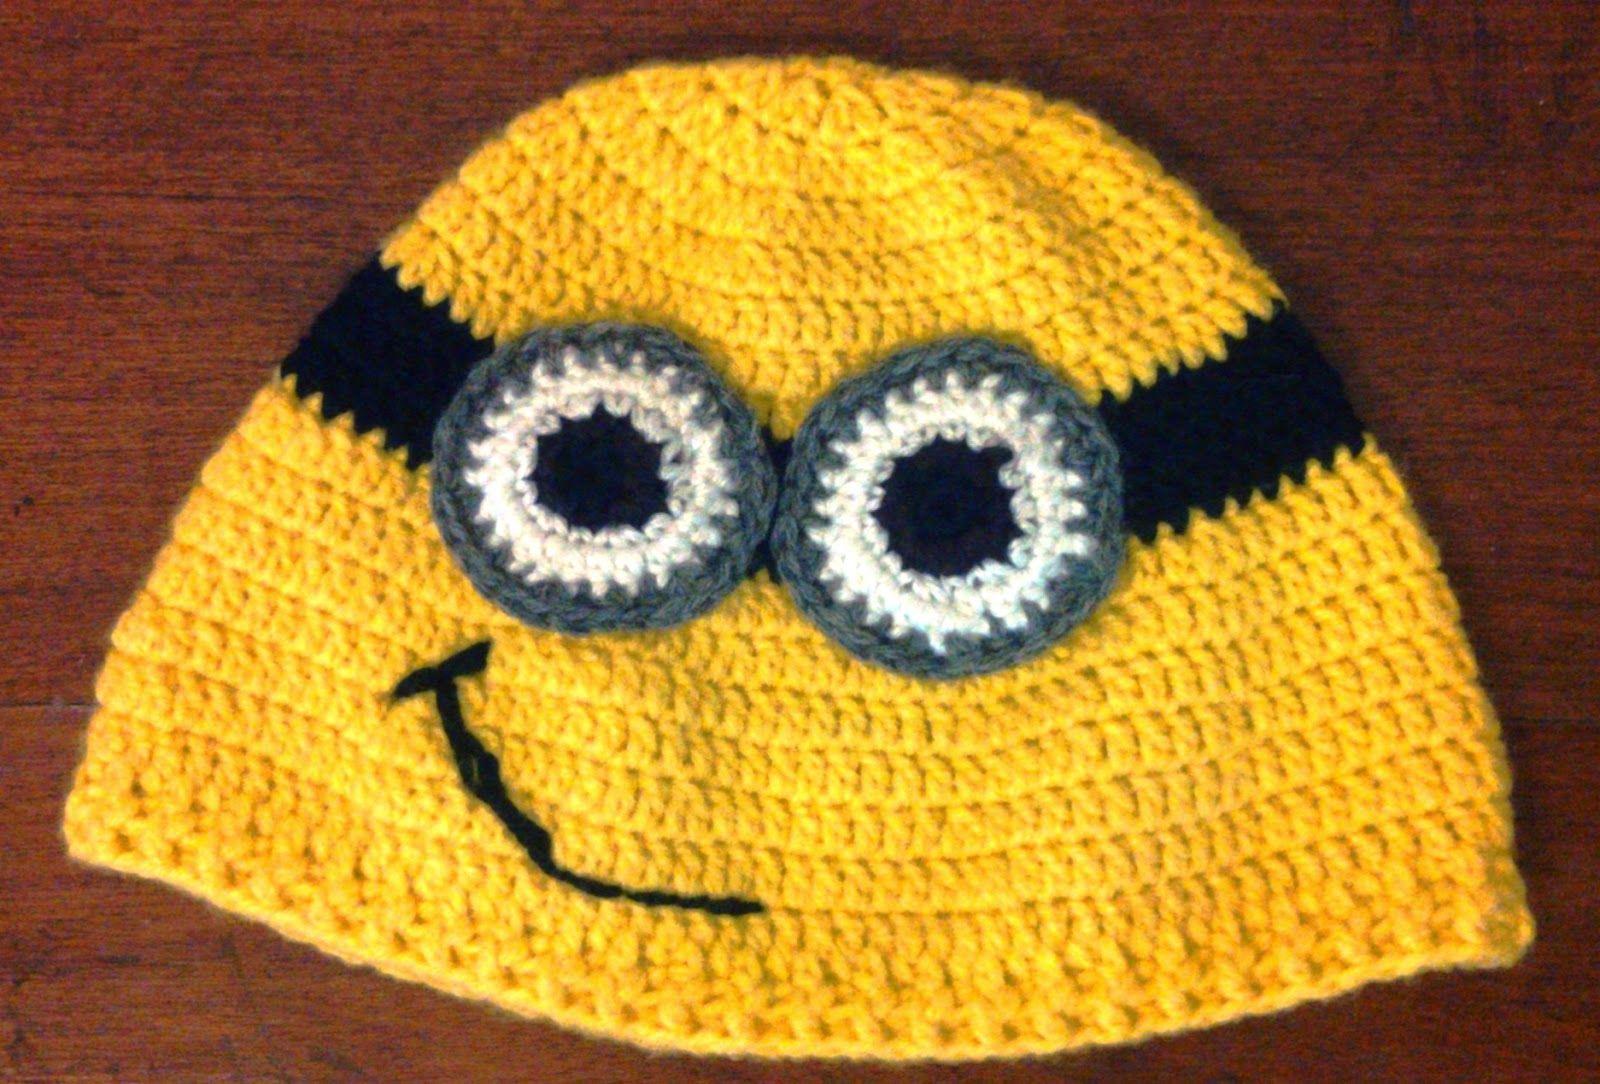 Su Crochet: gorro minions de mi villano favorito | Crochet ...